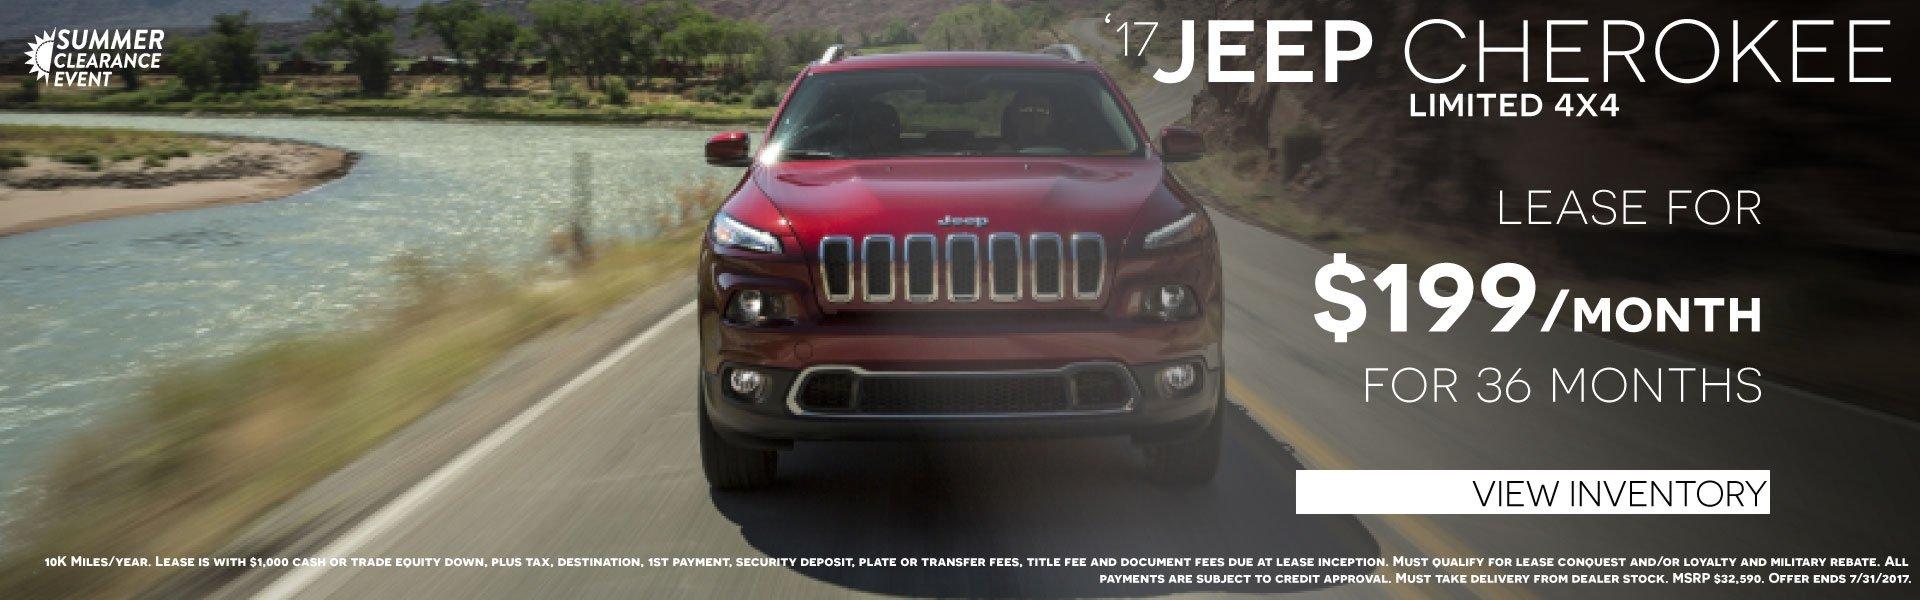 Putnam Chrysler Jeep Dodge Ram Vehicles For Sale In